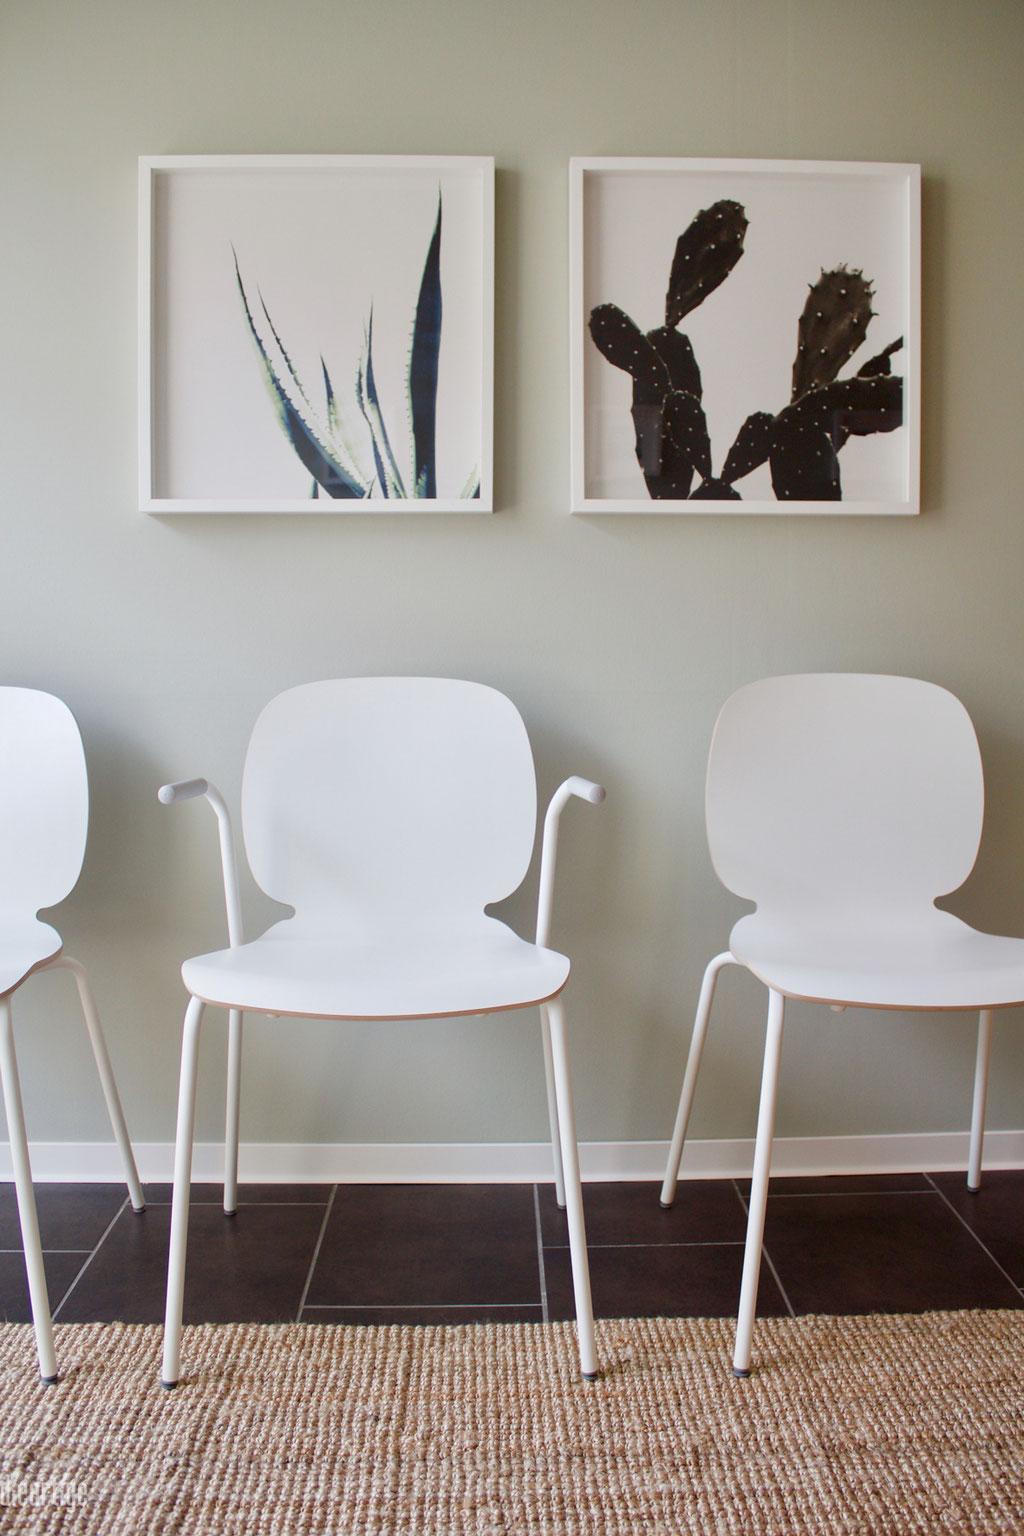 dieartige - Praxisgestaltung, Physiotherapie | Wartebereich, weiße Stühle + blassgrüne Wand + Dekoration